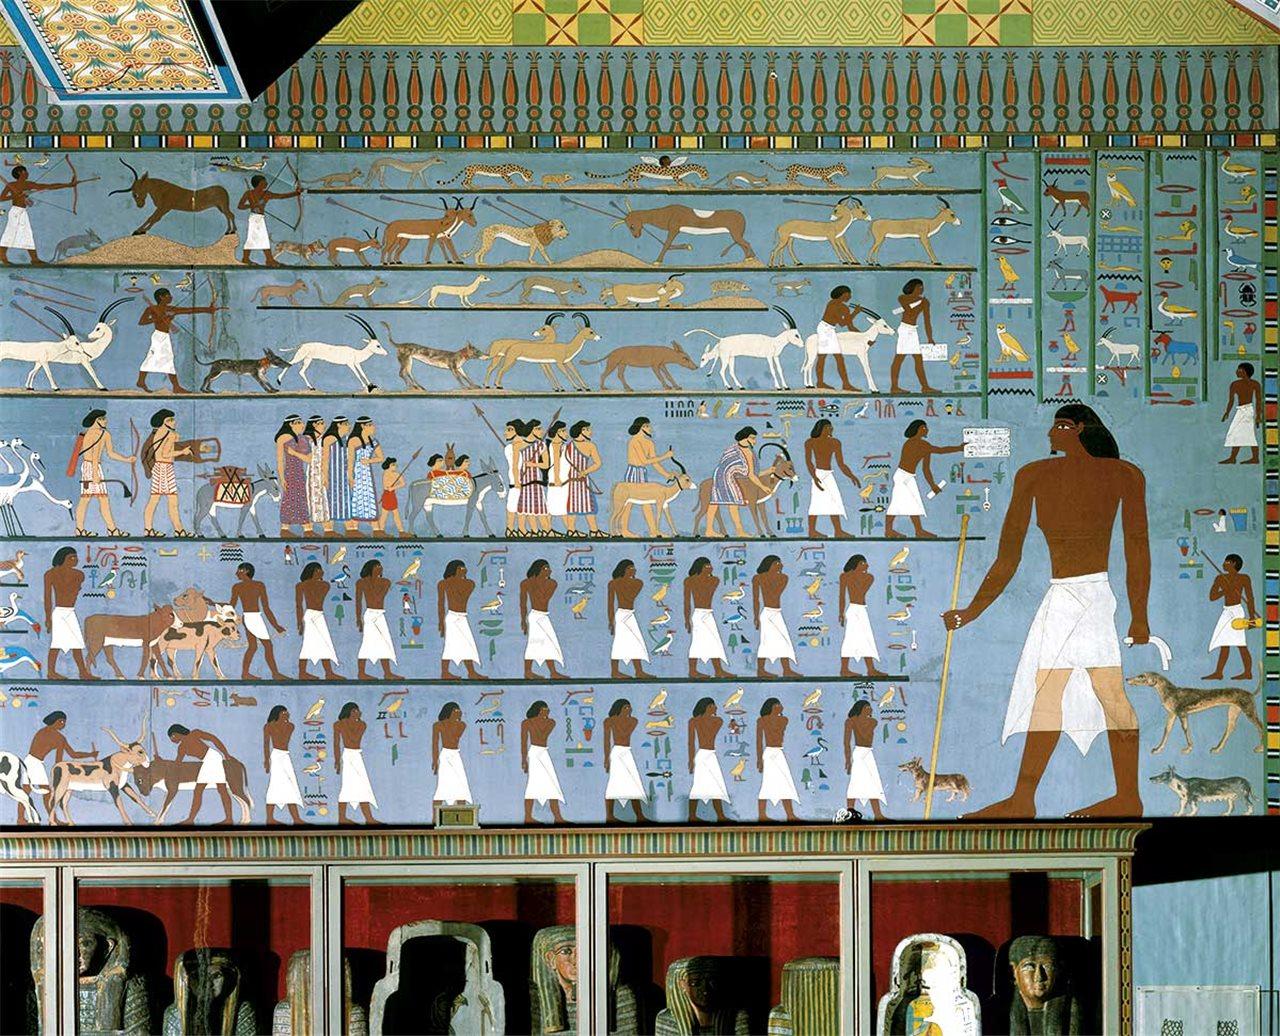 Esta pintura mural que decora la tumba del gobernador Knumhotep ilustra la migración de gentes procedentes del Próximo Oriente a Egipto.